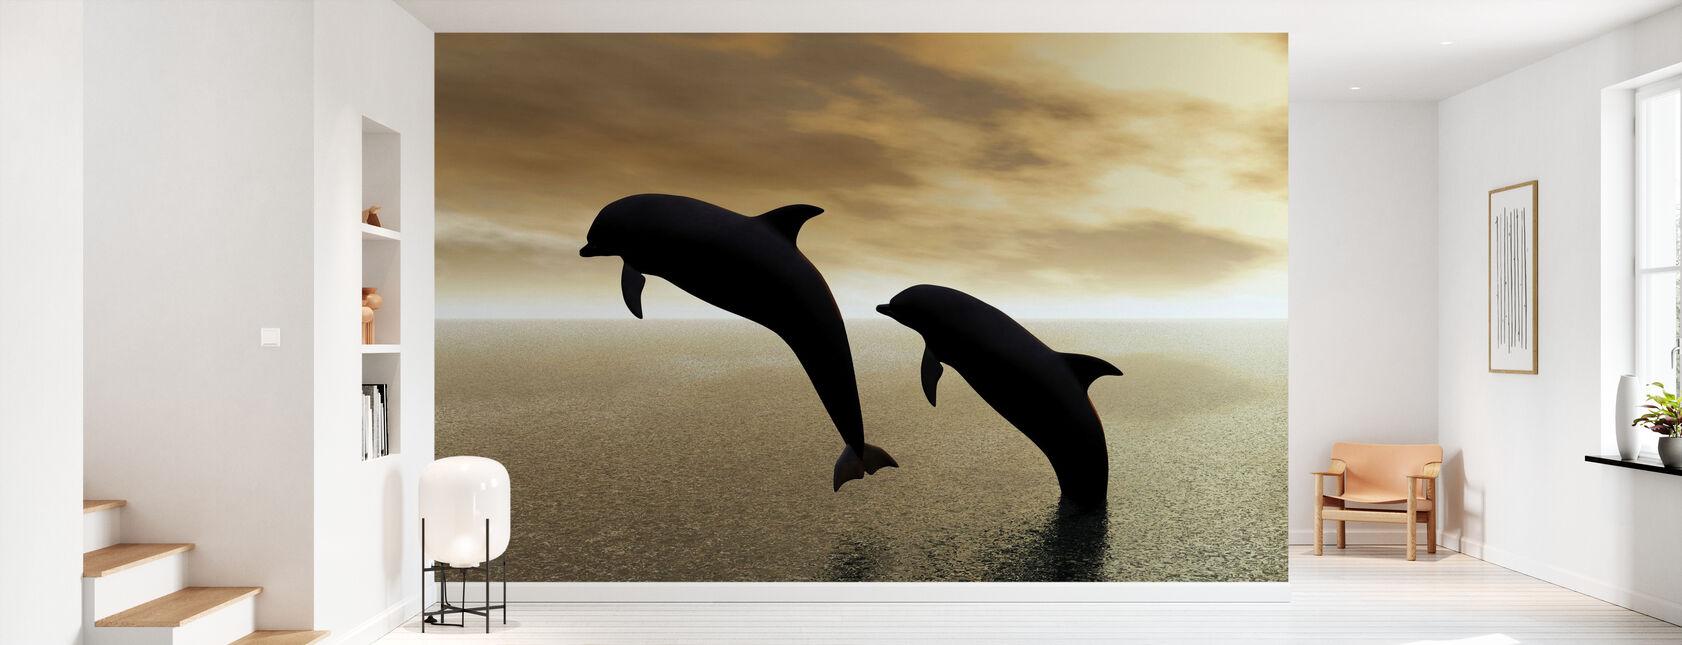 Silhouettes de dauphin - Papier peint - Entrée